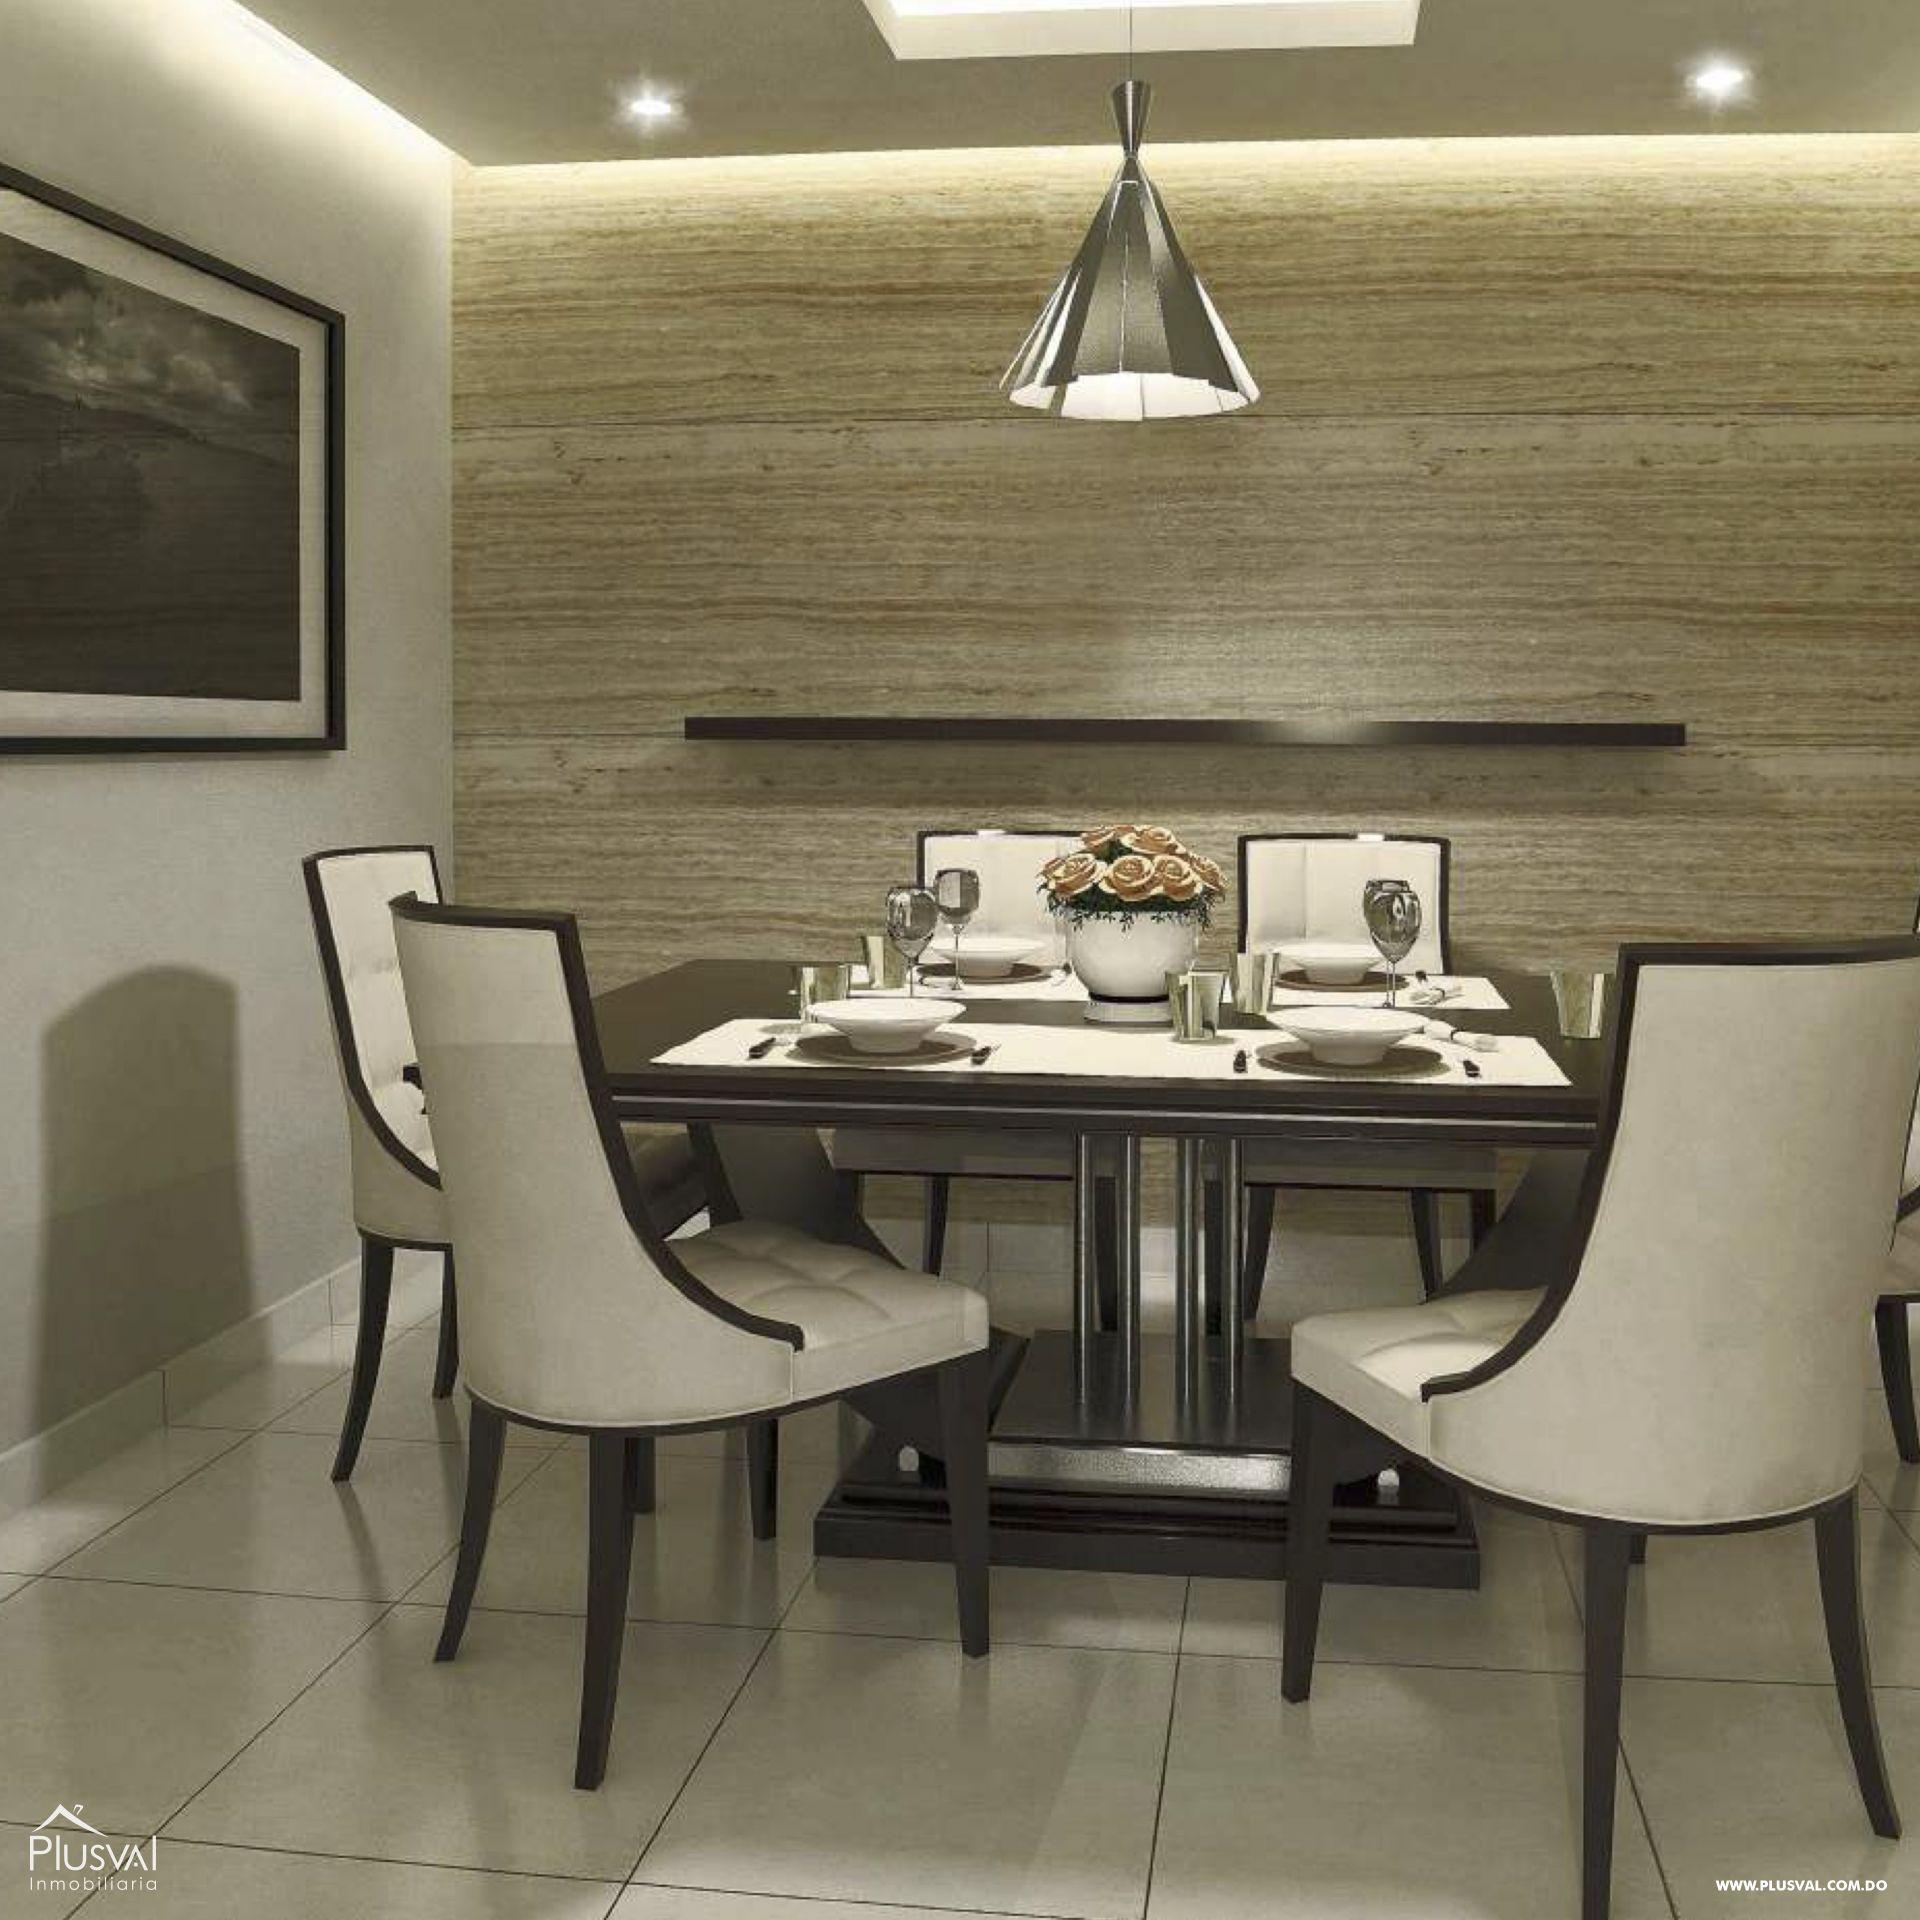 Apartamento en Venta en Urbanización Real con 3 habs MAS estudio 161135